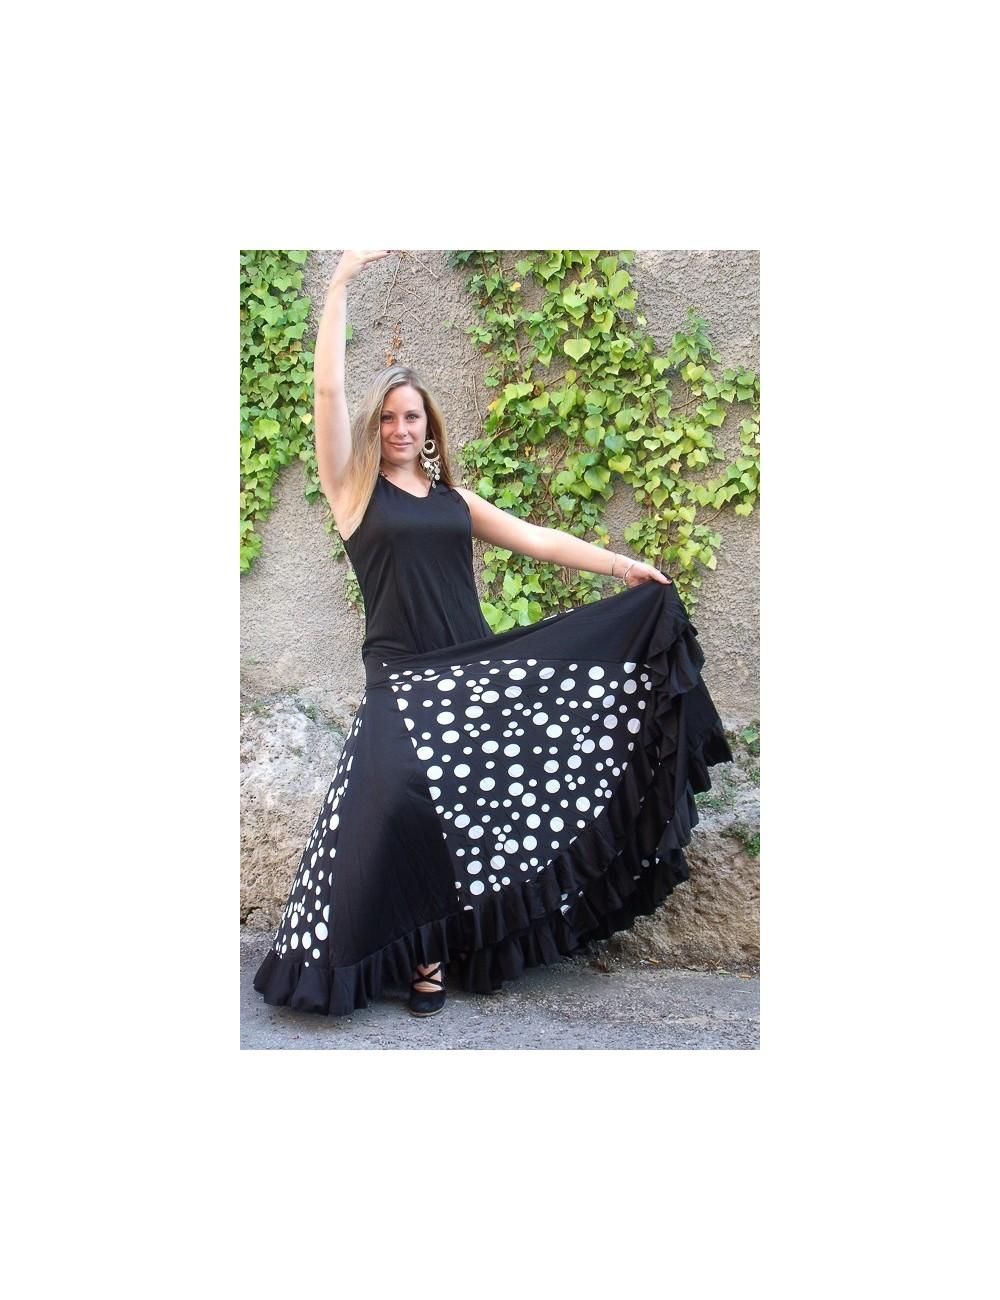 Robe Flamenco Anita noire Pois blancs